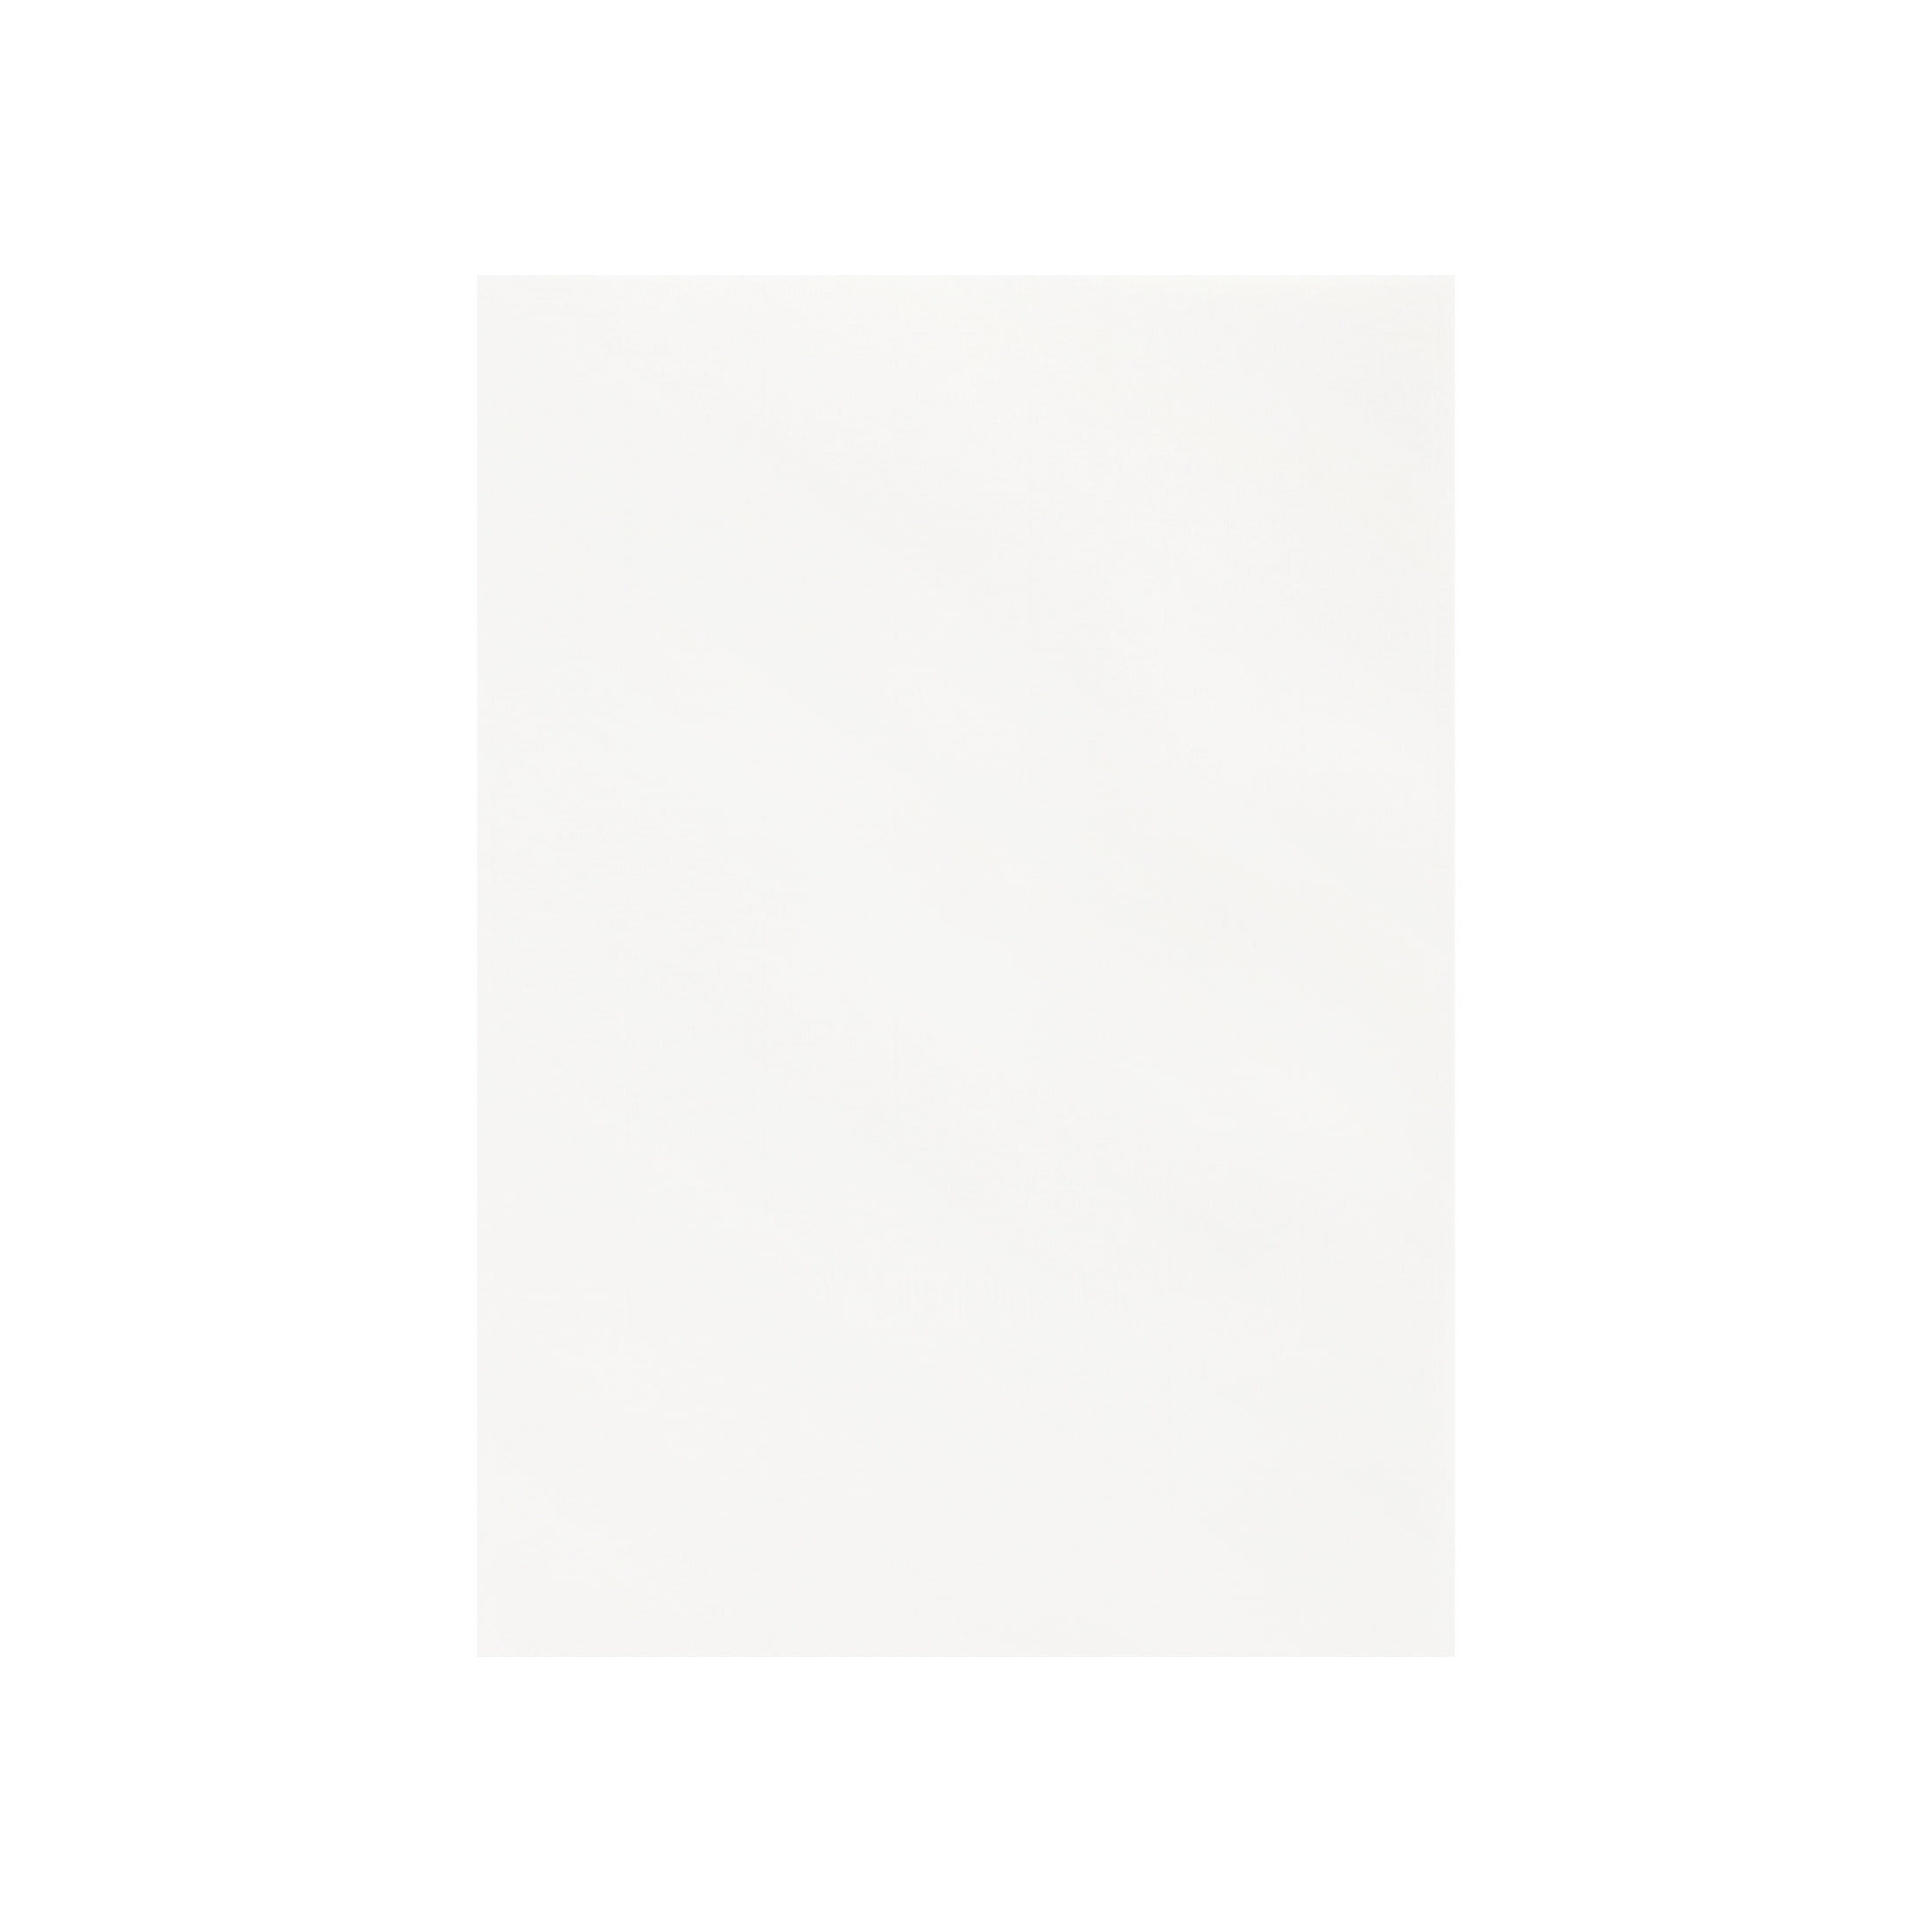 Pカード コンケラー レイド ブリリアントホワイト 220g